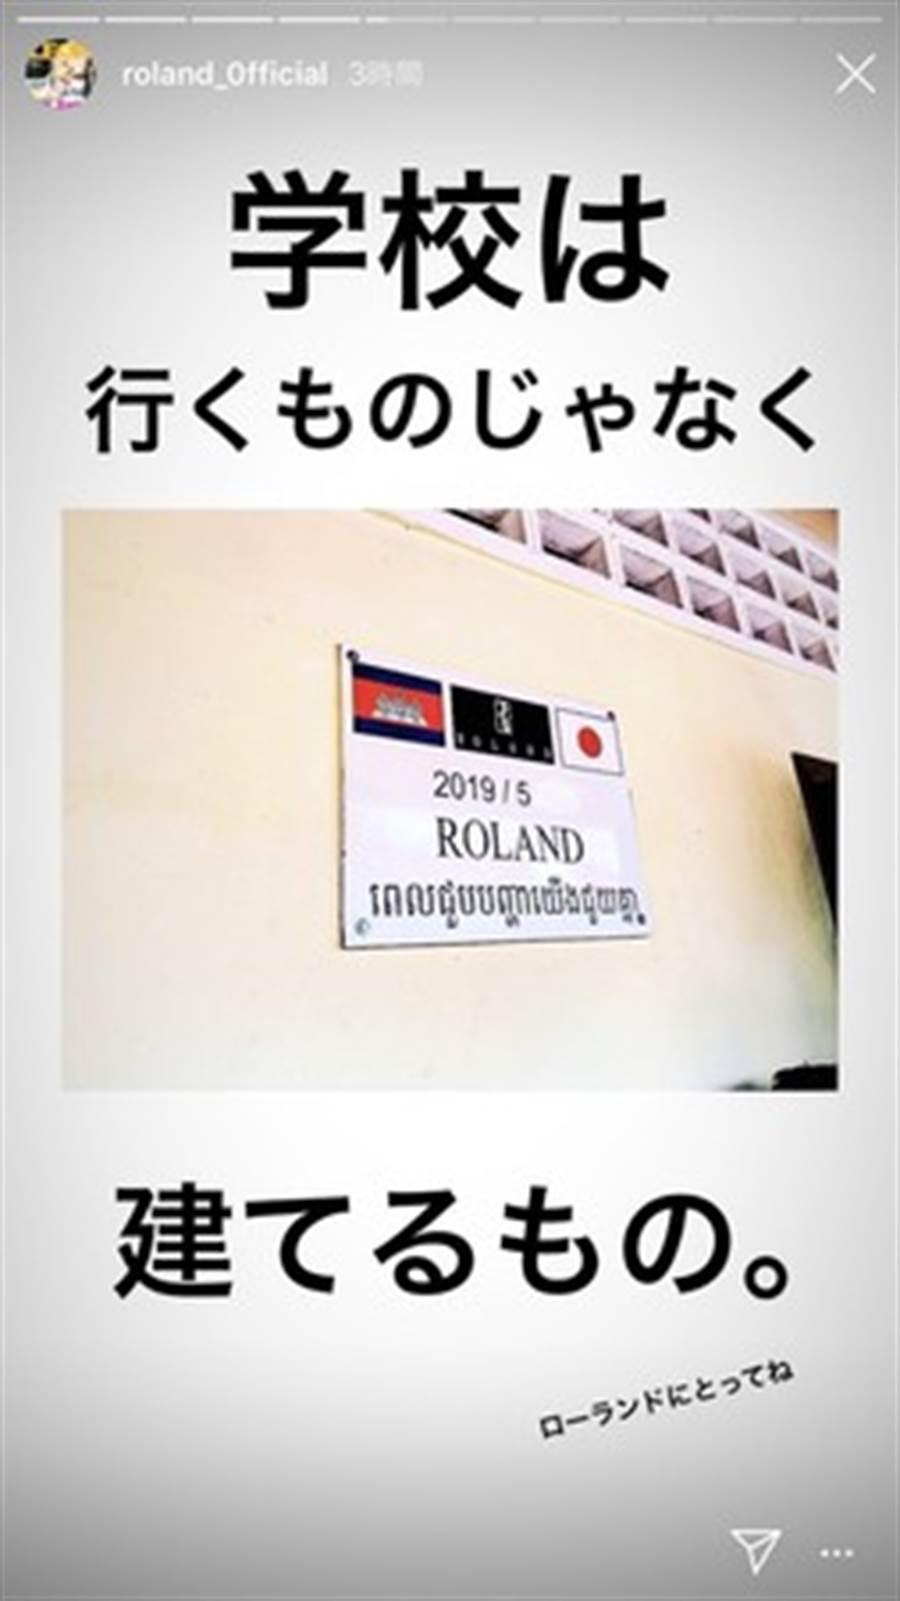 羅蘭還在IG上貼出,因捐錢蓋學校而獲當地政府内政部長頒發的感謝狀(圖翻攝自/IG/roland_0fficial)